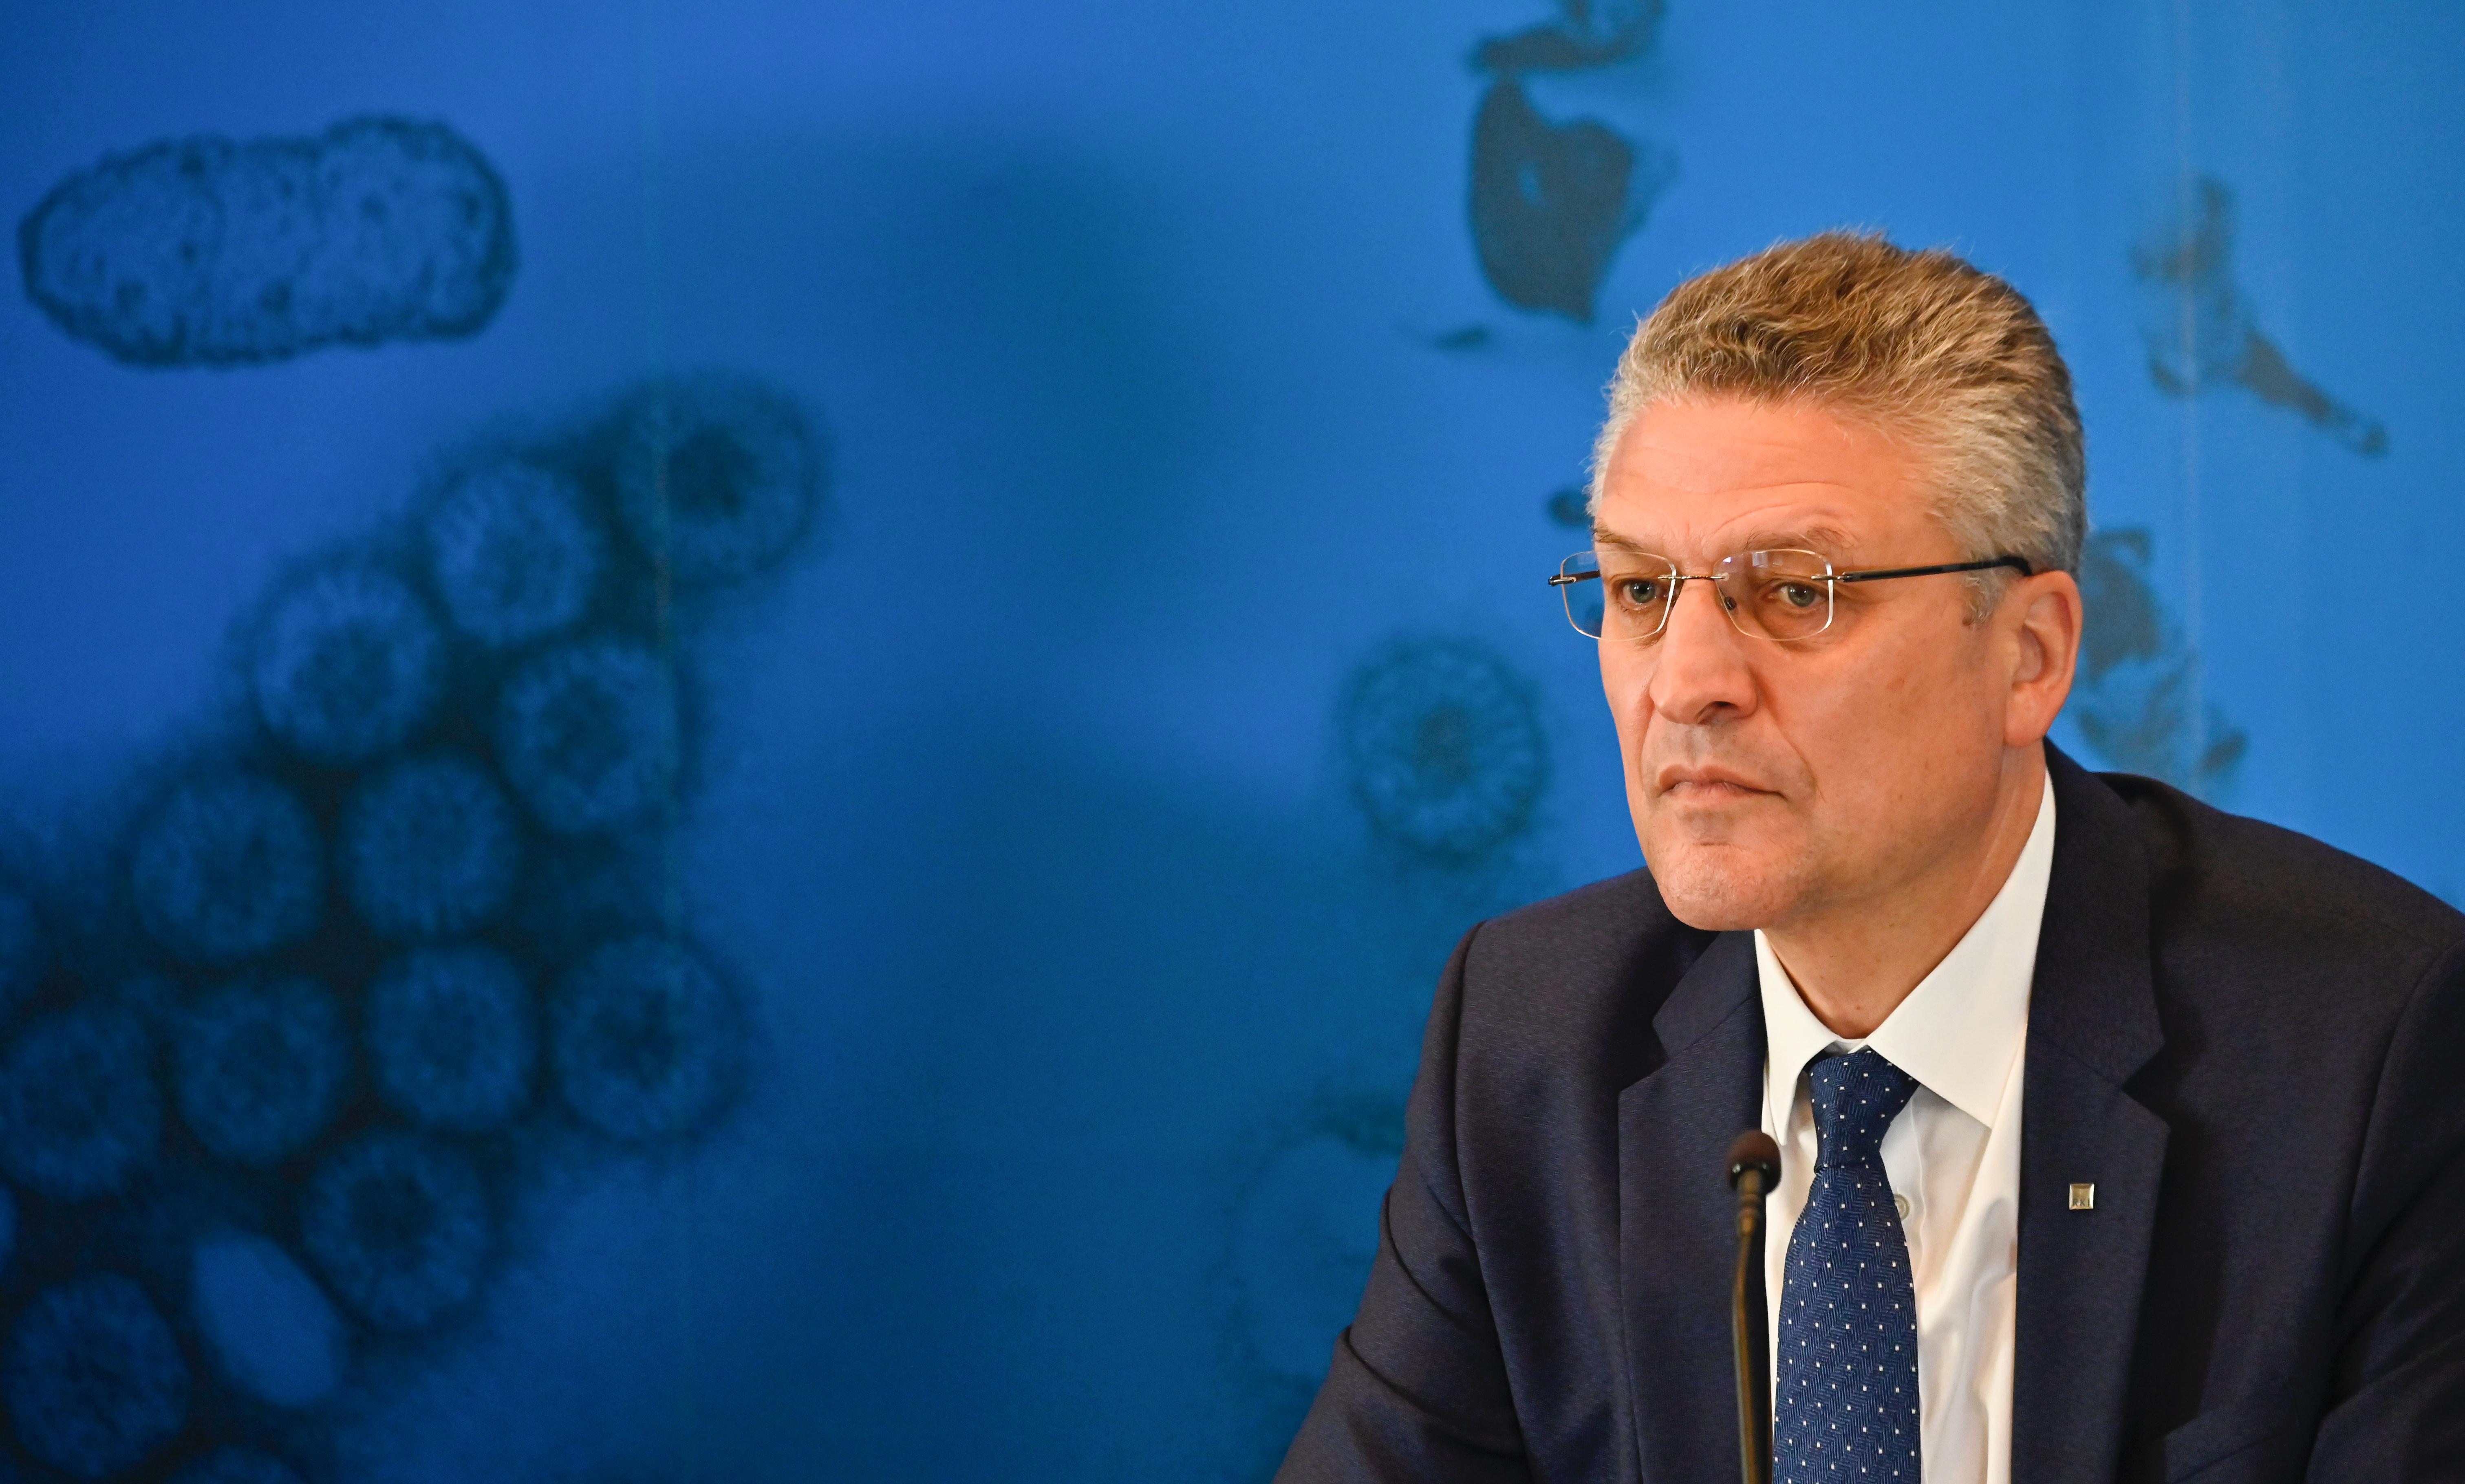 Az emberek hanyagsága miatt nő a fertőzöttek száma Németországban